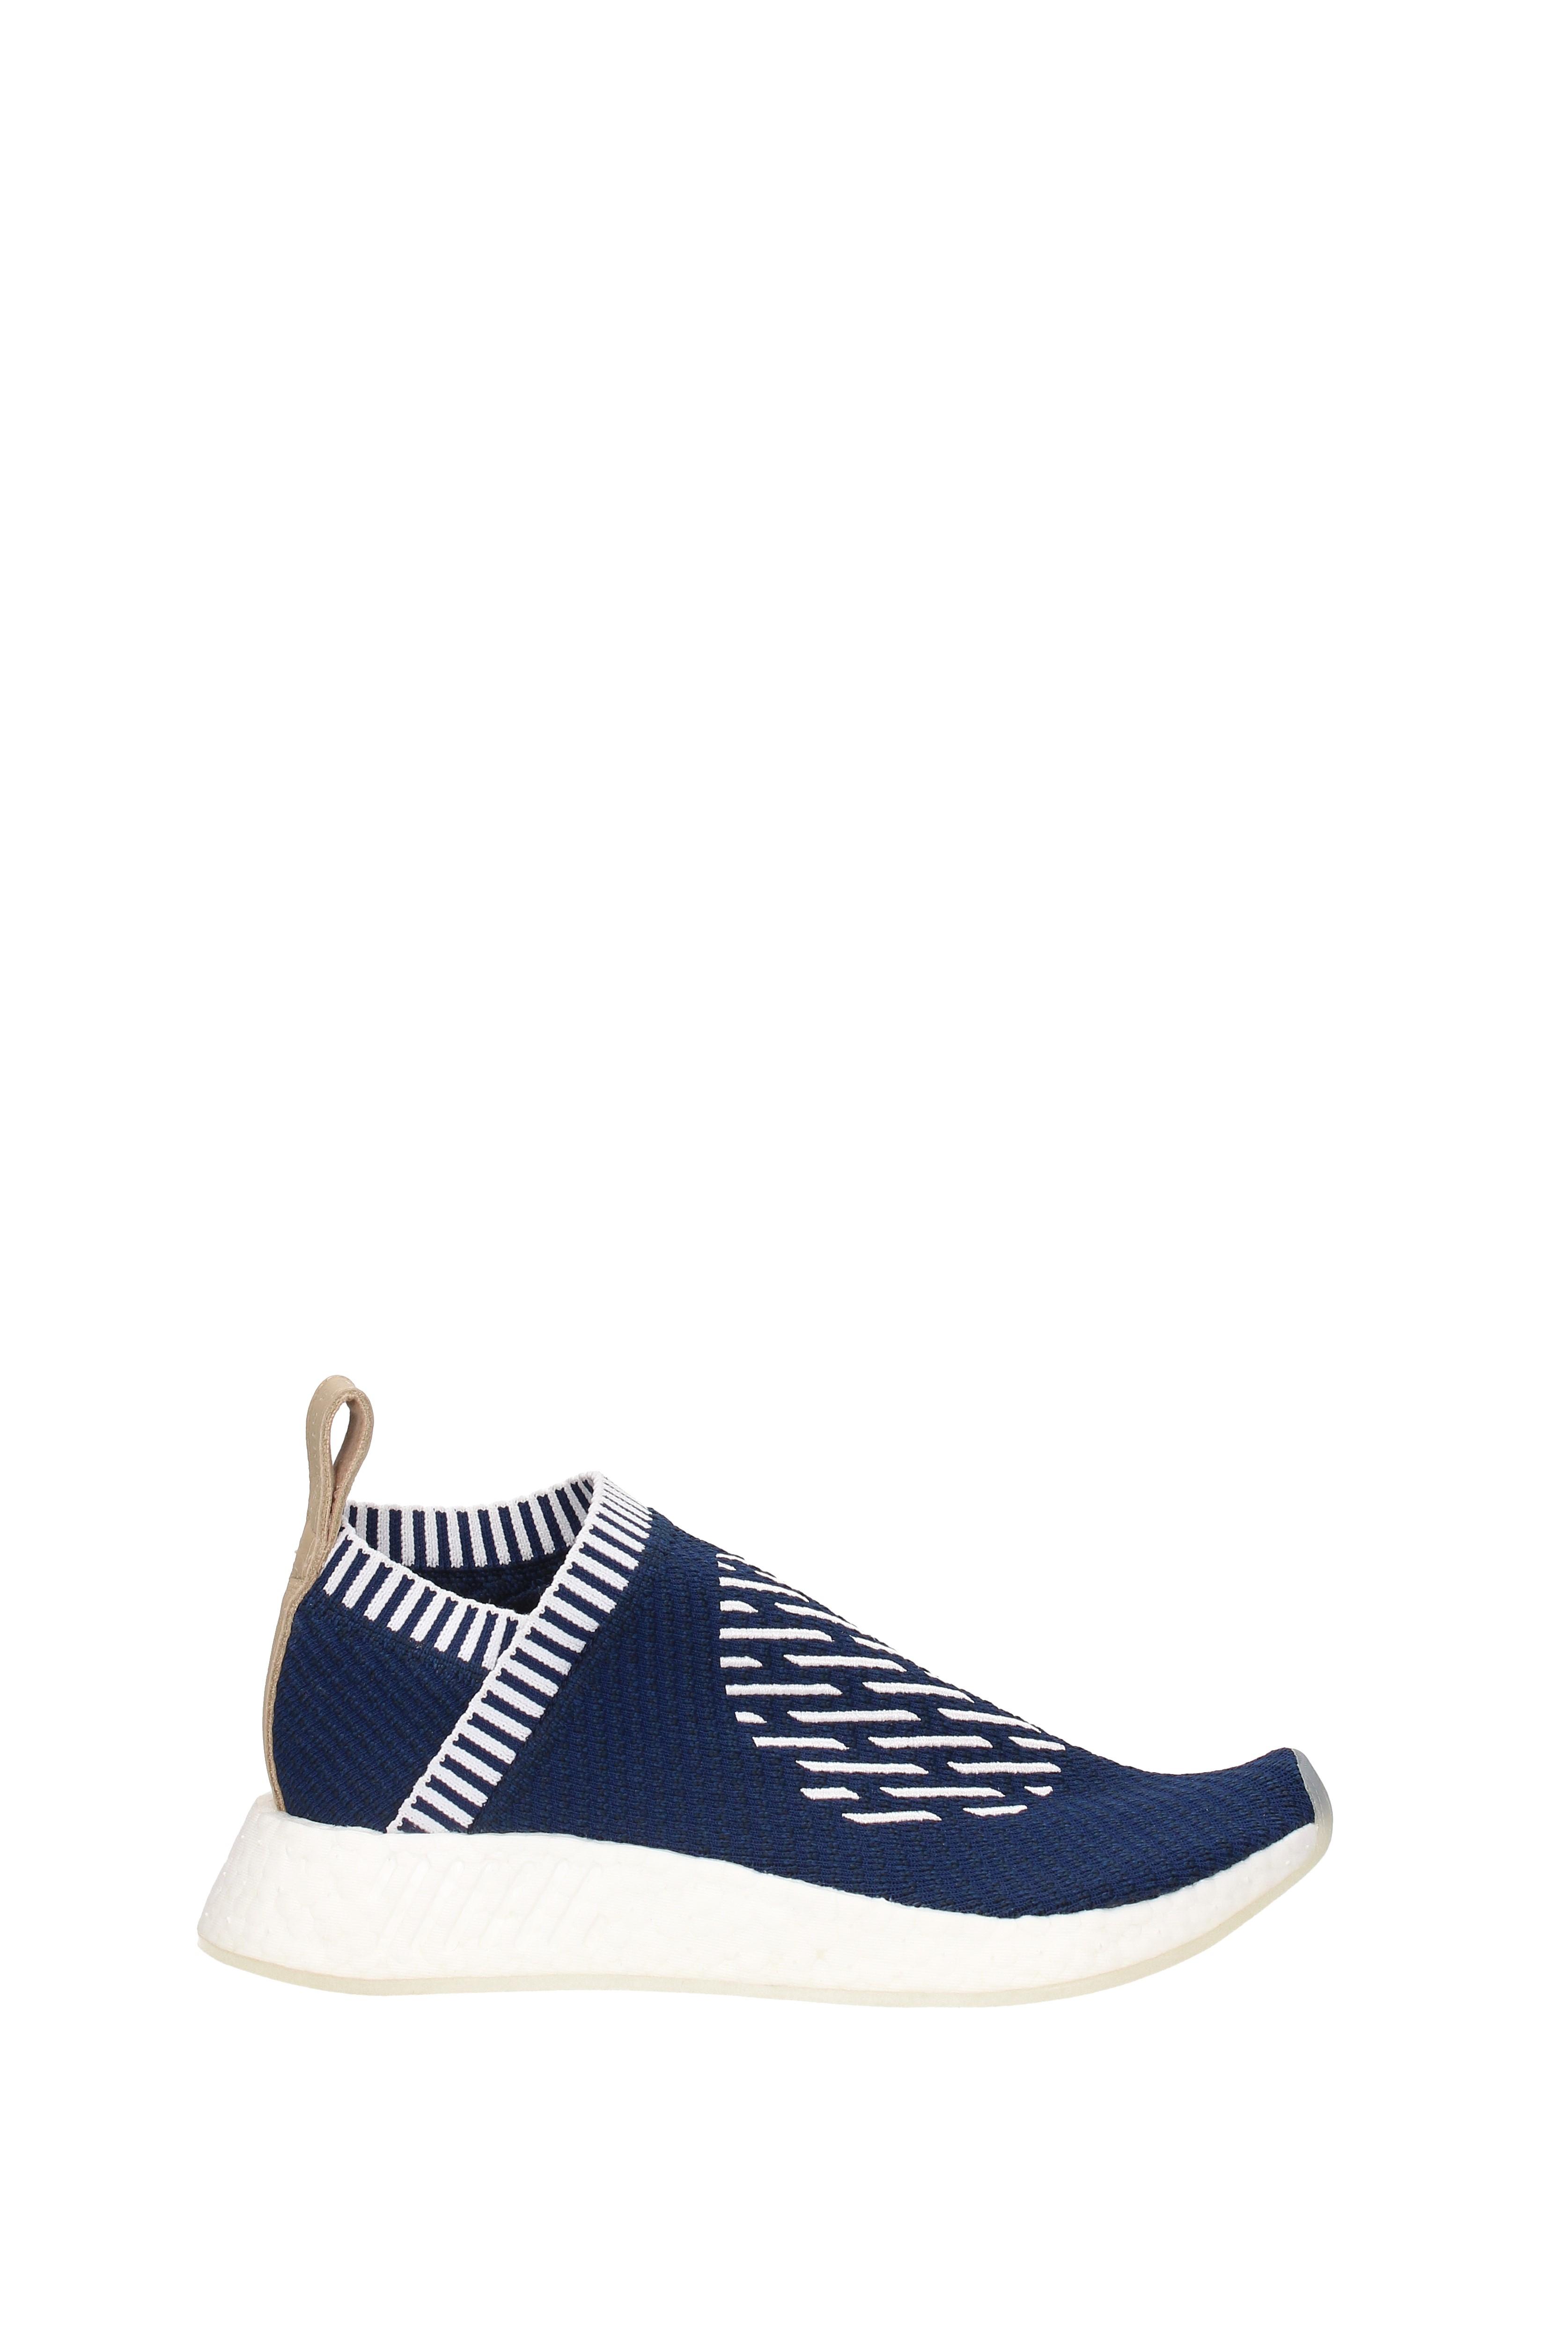 Sneakers-Adidas-nmd-cs2-pk-Uomo-Tessuto-BA718